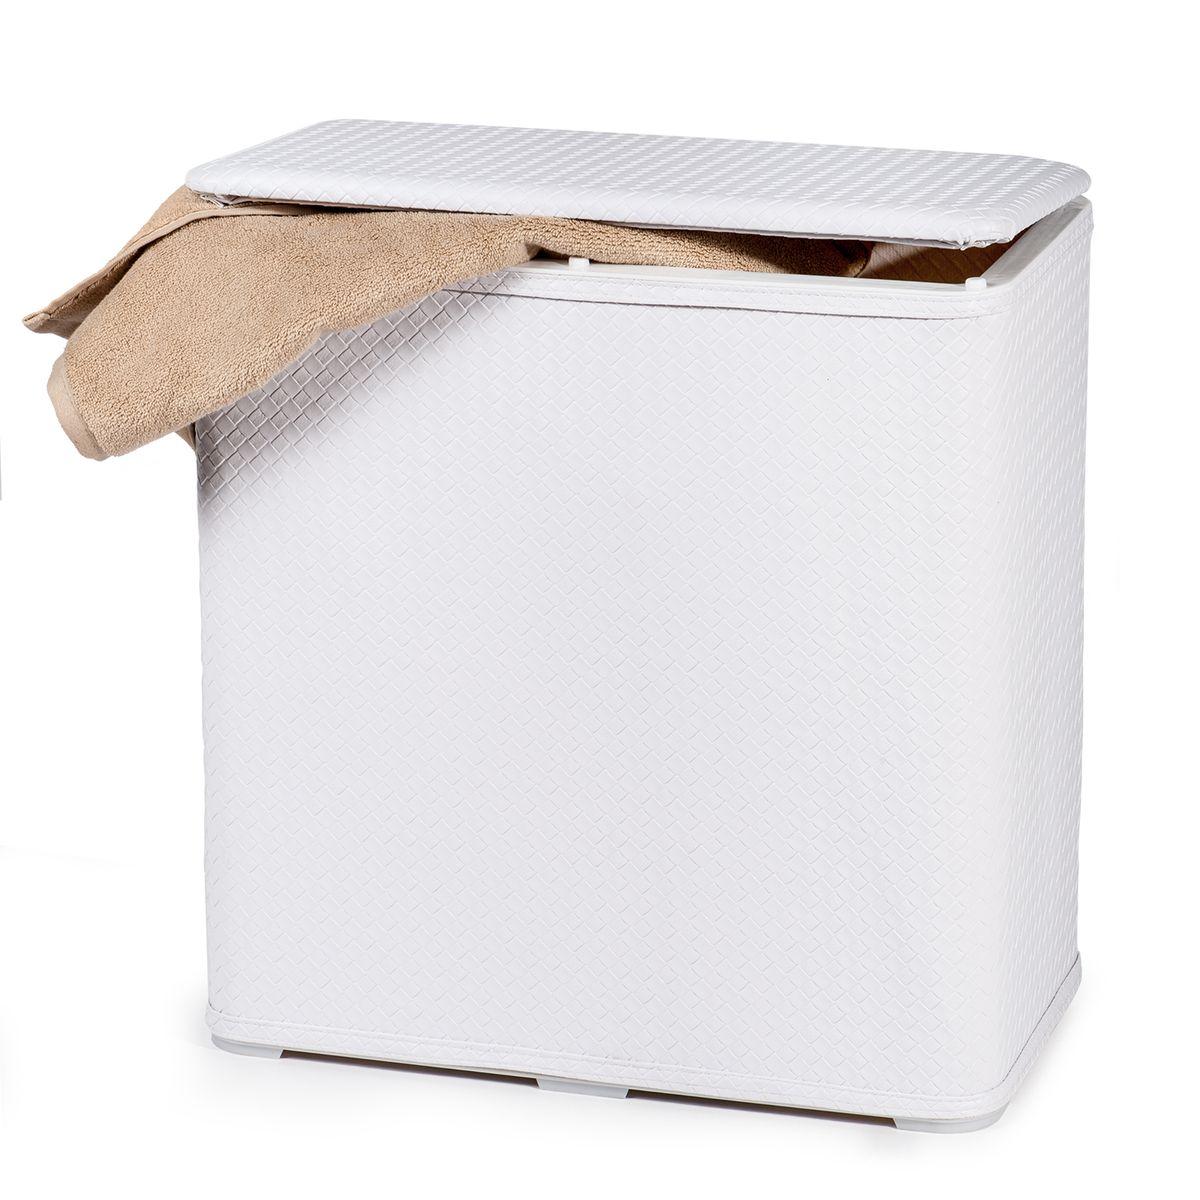 Корзина для белья Tatkraft Nord, 65 л20177Корзина для белья Tatkraft Nord-это функциональная и полезная вещь, которая не только сохранит ваше белье, но и стильно украсит интерьер помещения.Корзина имеет белый чехол из легко моющегося, износостойкого, устойчивого к влаге ПВХ, каркас из АБС пластика.Удобная крышка на петлях. Моментальная сборка, компактна в сложенном виде.